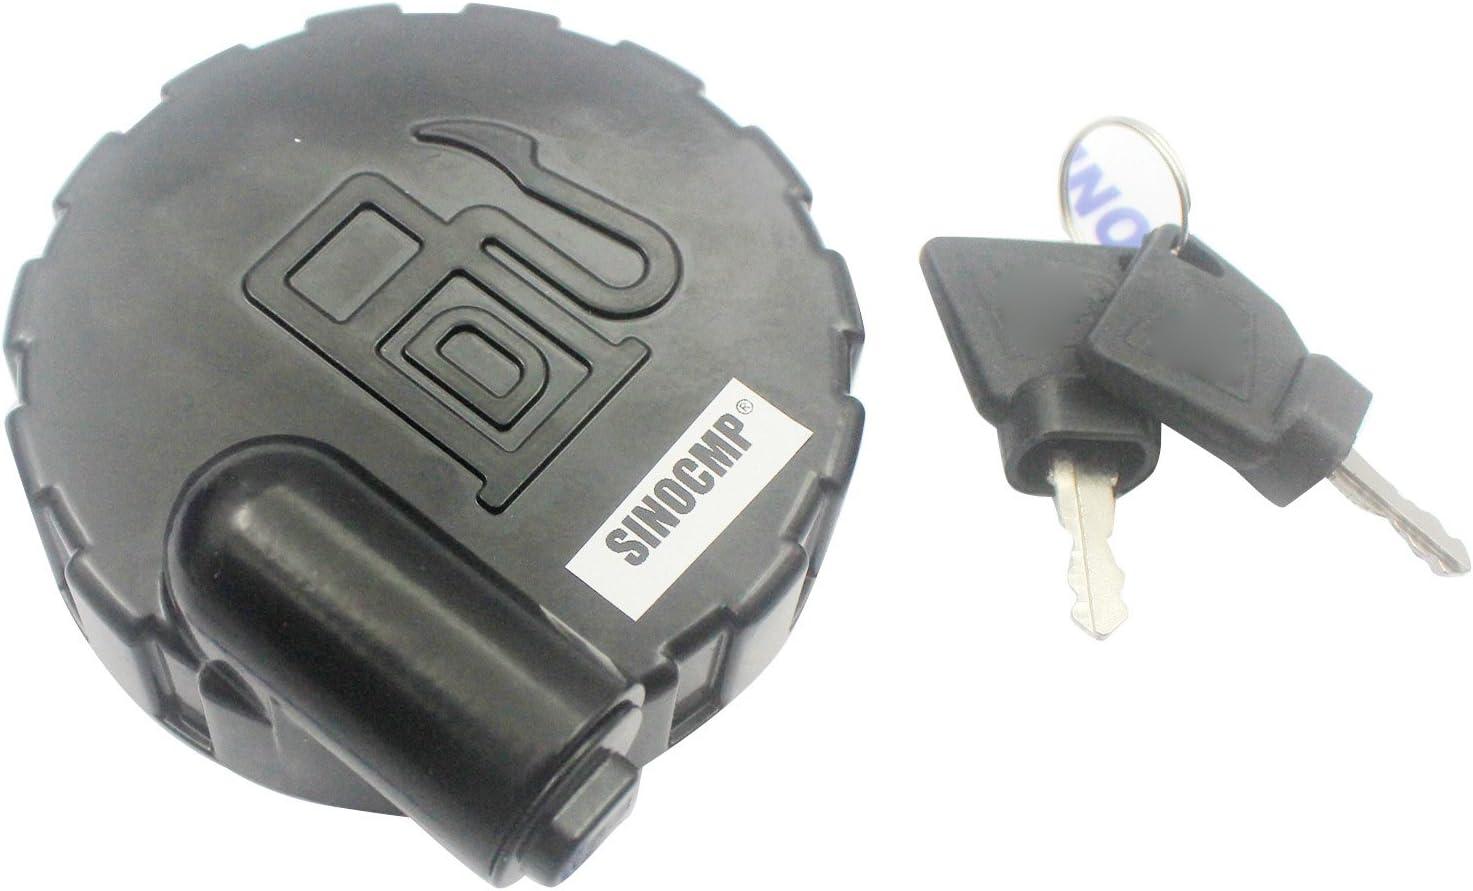 3 mesi di garanzia, SINOCMP Diesel Tappo del serbatoio del carburante Assy per JCB con 2 chiavi